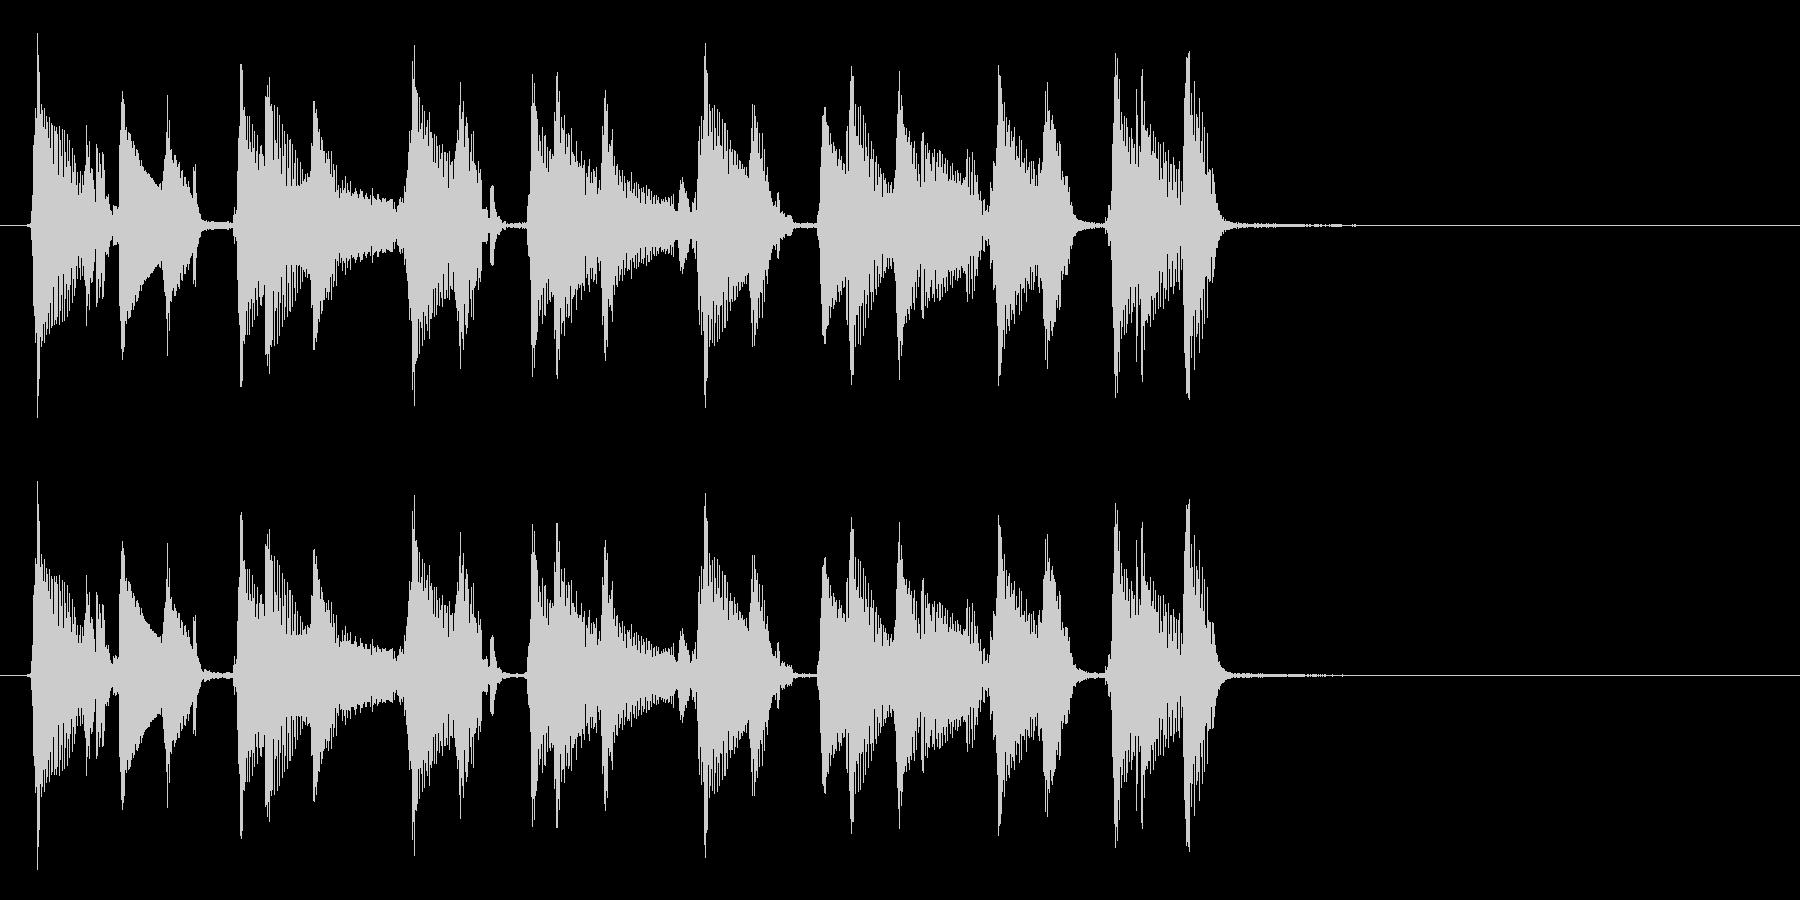 生演奏のウクレレ。の未再生の波形